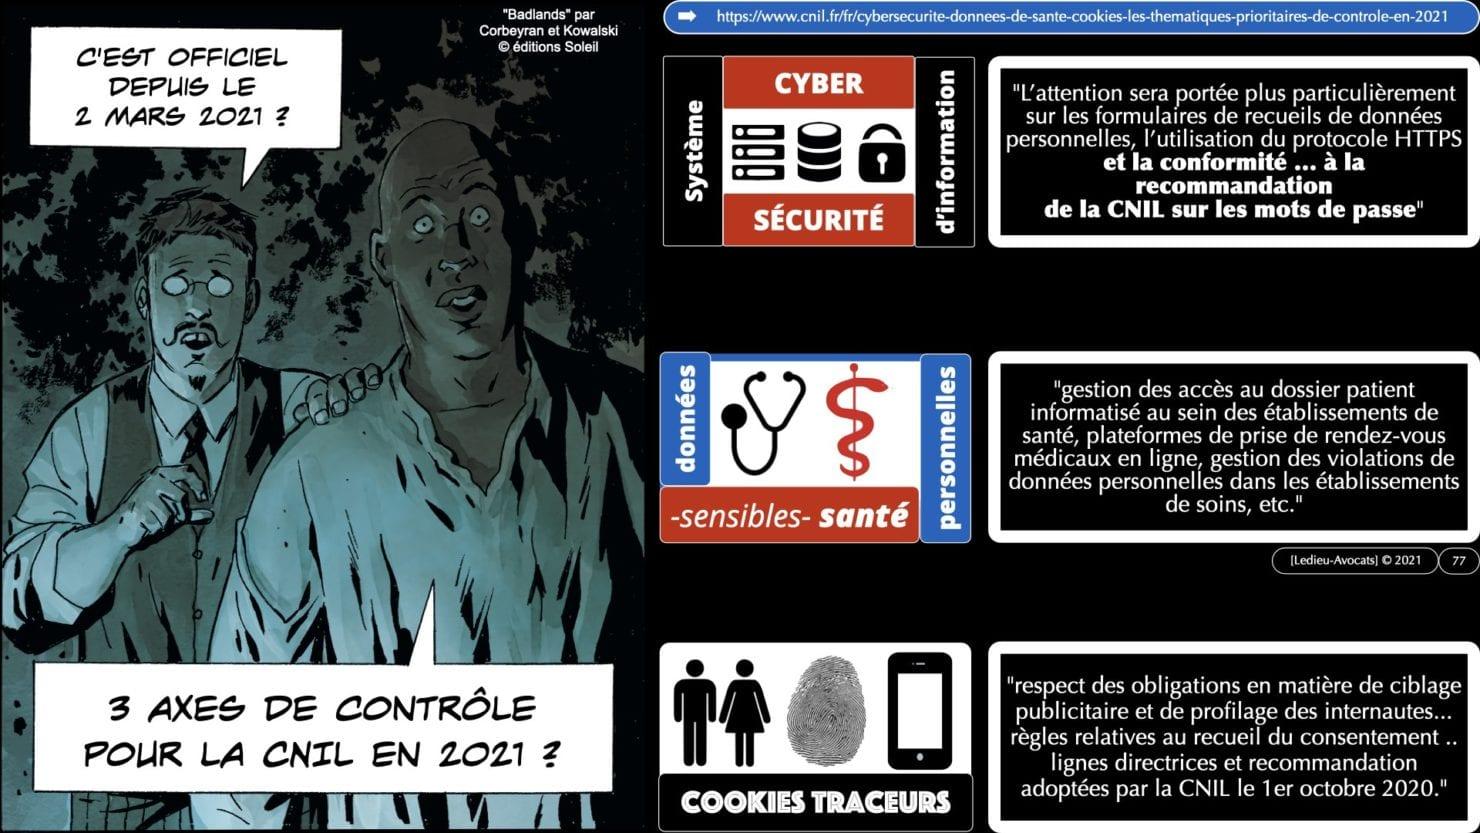 342 cyber sécurité #2 OIV OSE analyse risque EBIOS RM © Ledieu-avocat 15-07-2021.077